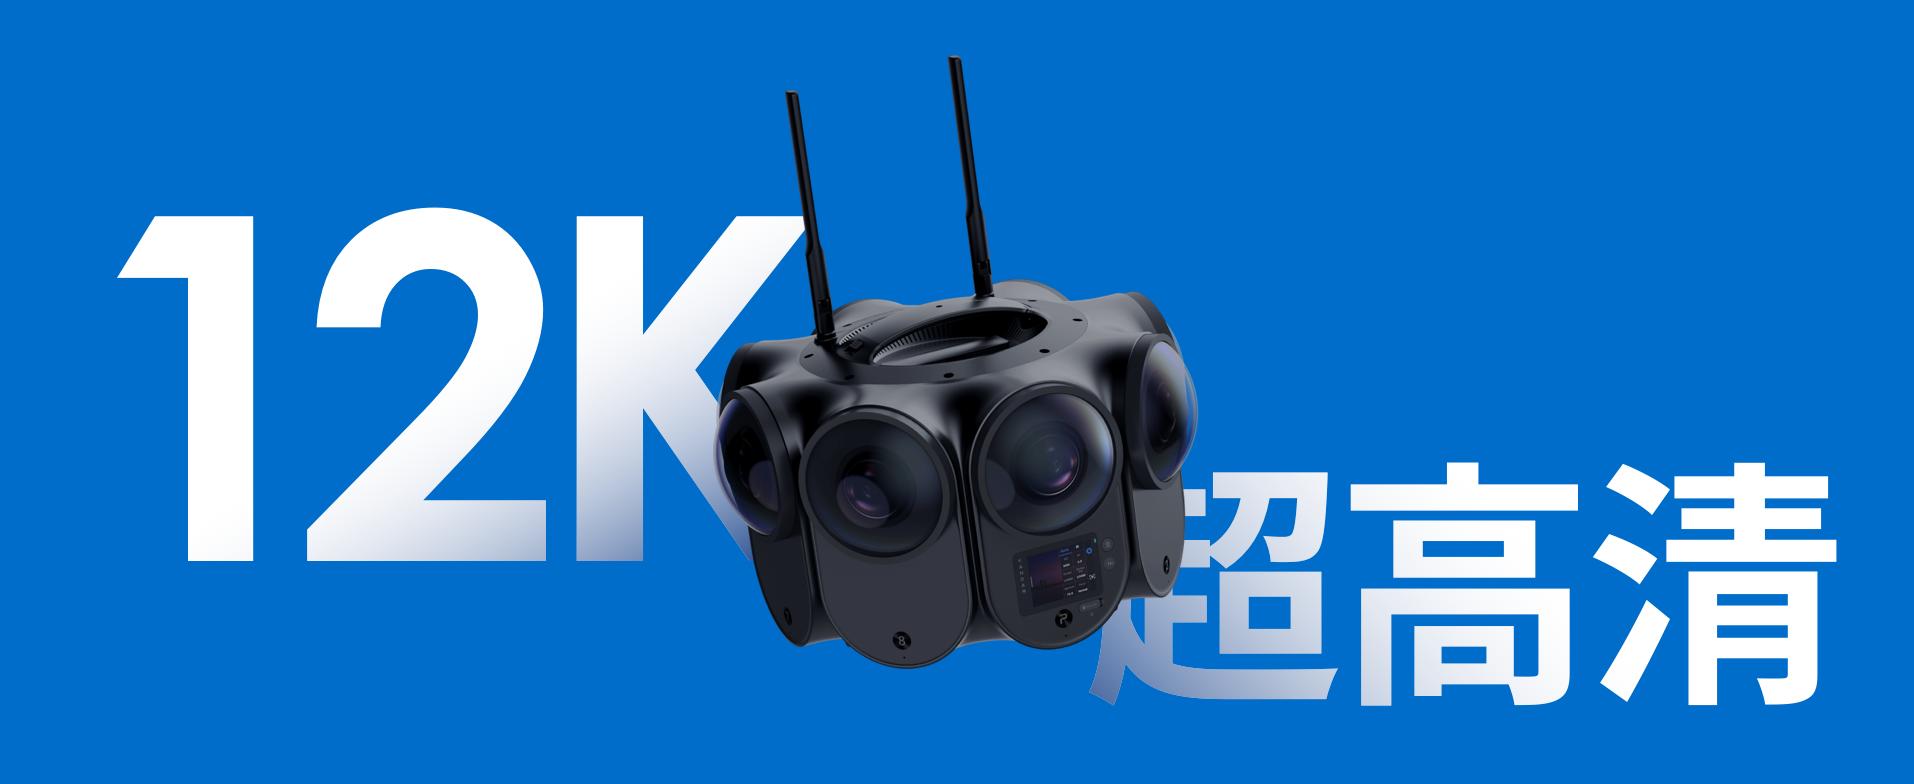 看到科技发布 12K 3D 影视级 VR 摄影机 Kandao Obsidian Pro